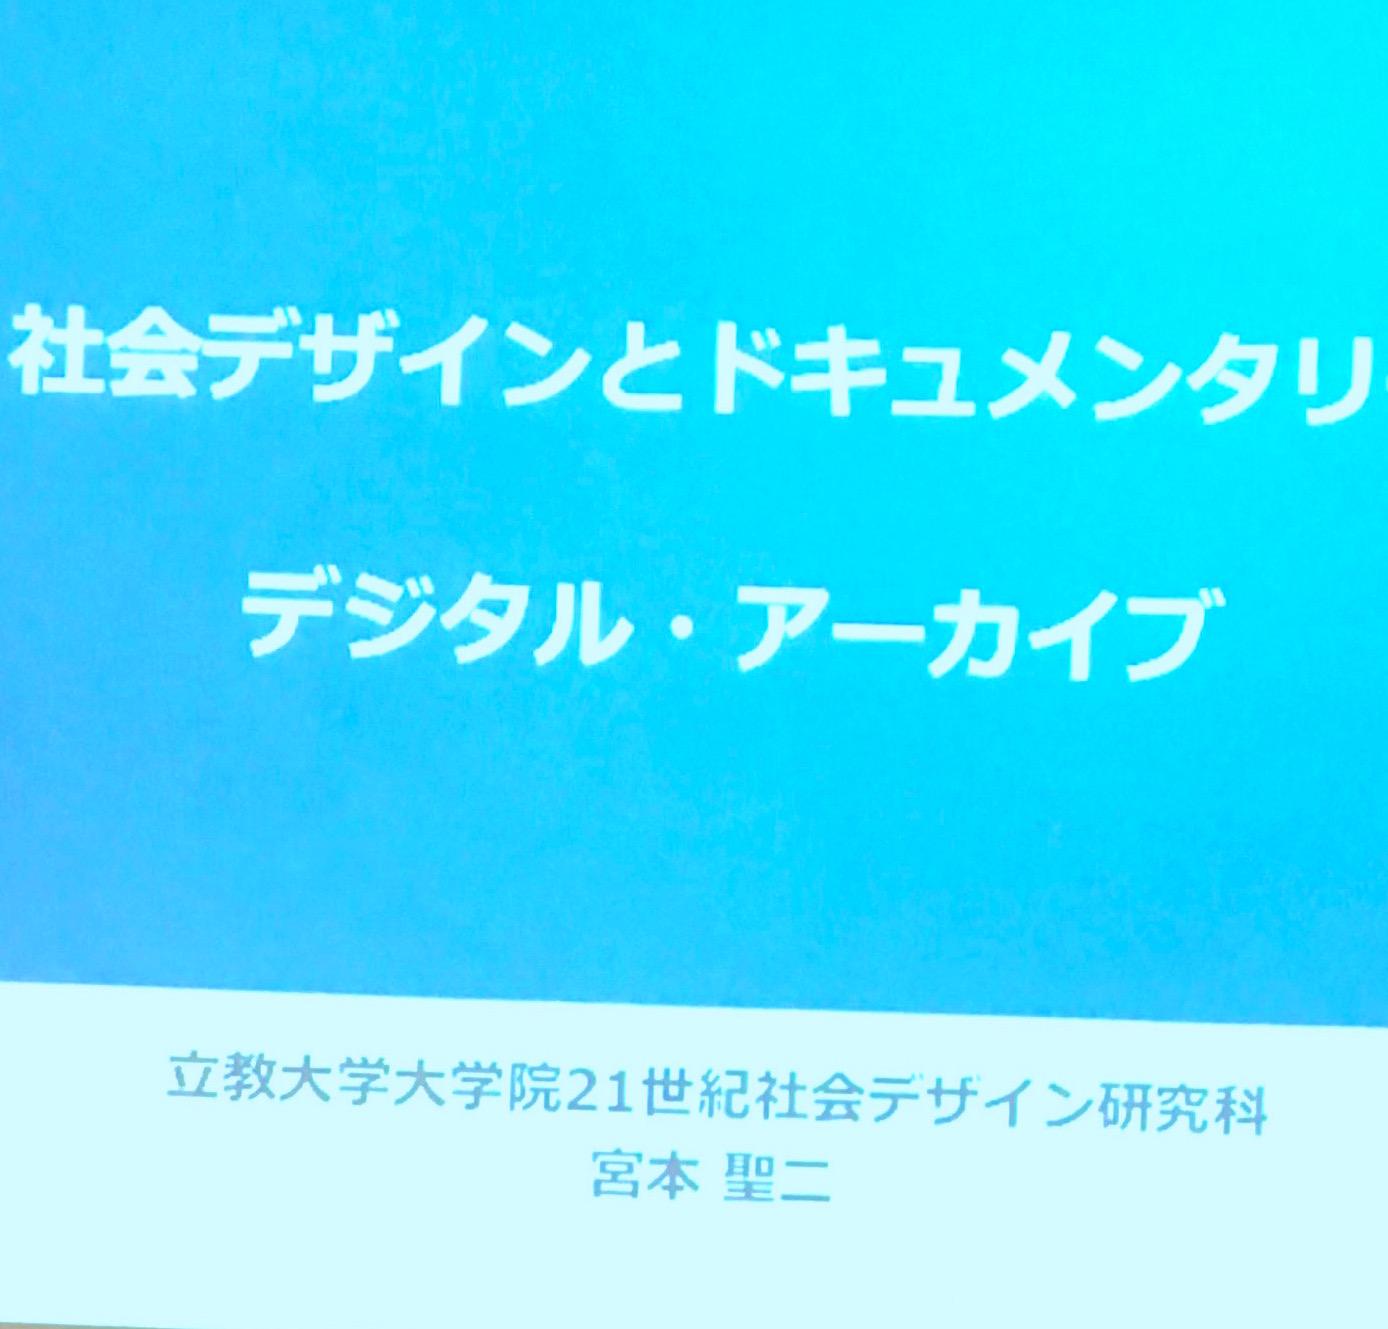 NHK戦争証言アーカイブとYahoo!「未来に残す 戦争の記憶」がピースメッセンジャーとシンクロしました